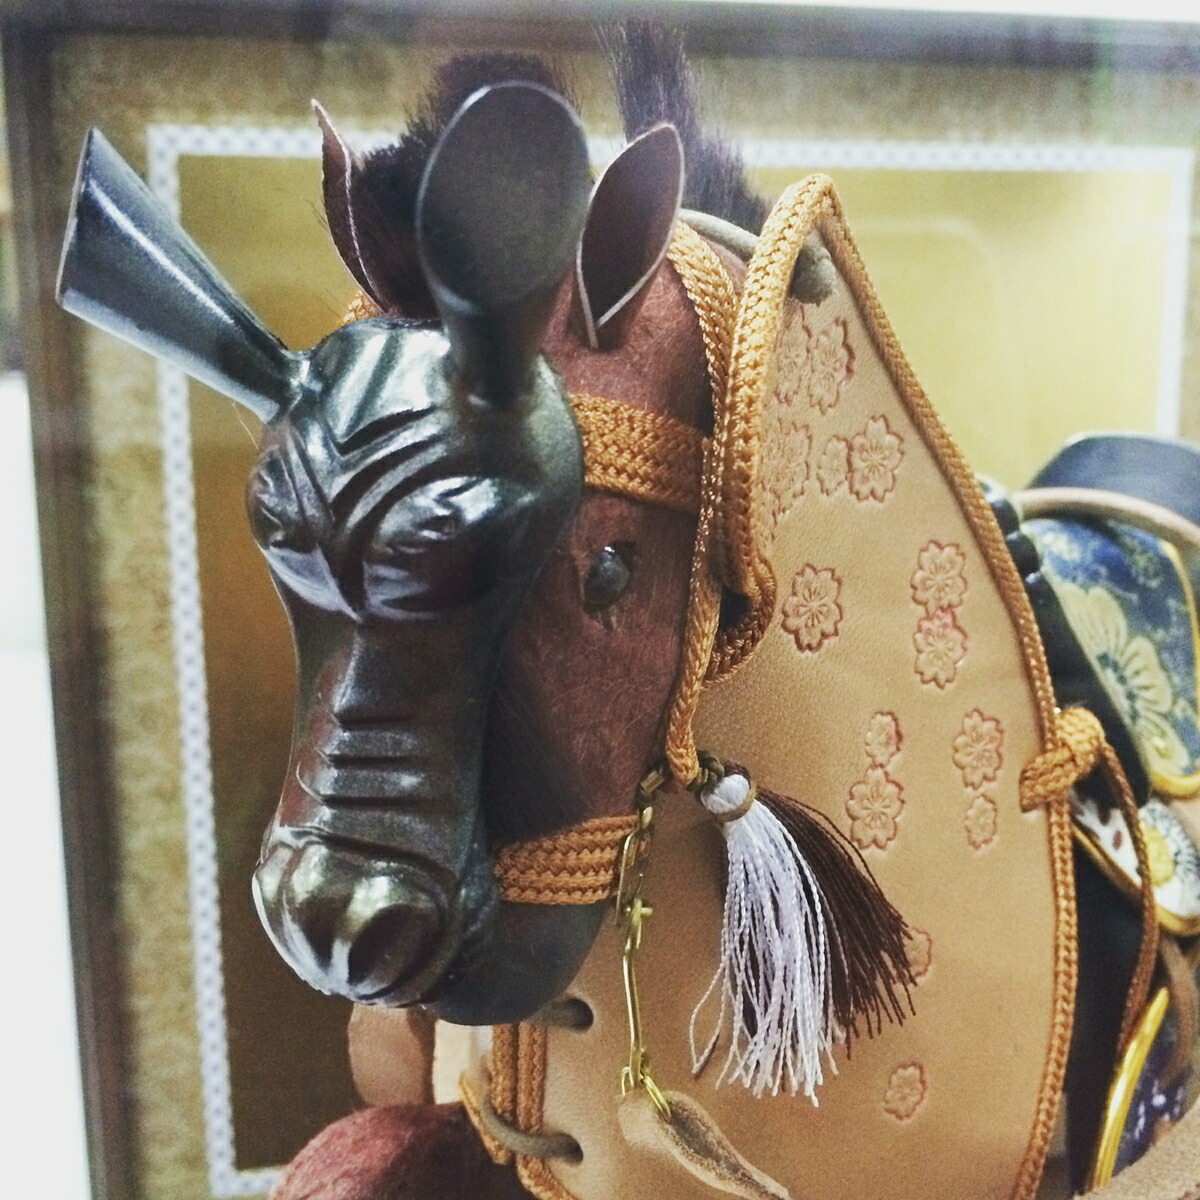 馬勘8号奉書幸運の馬(ガラスケース入り)